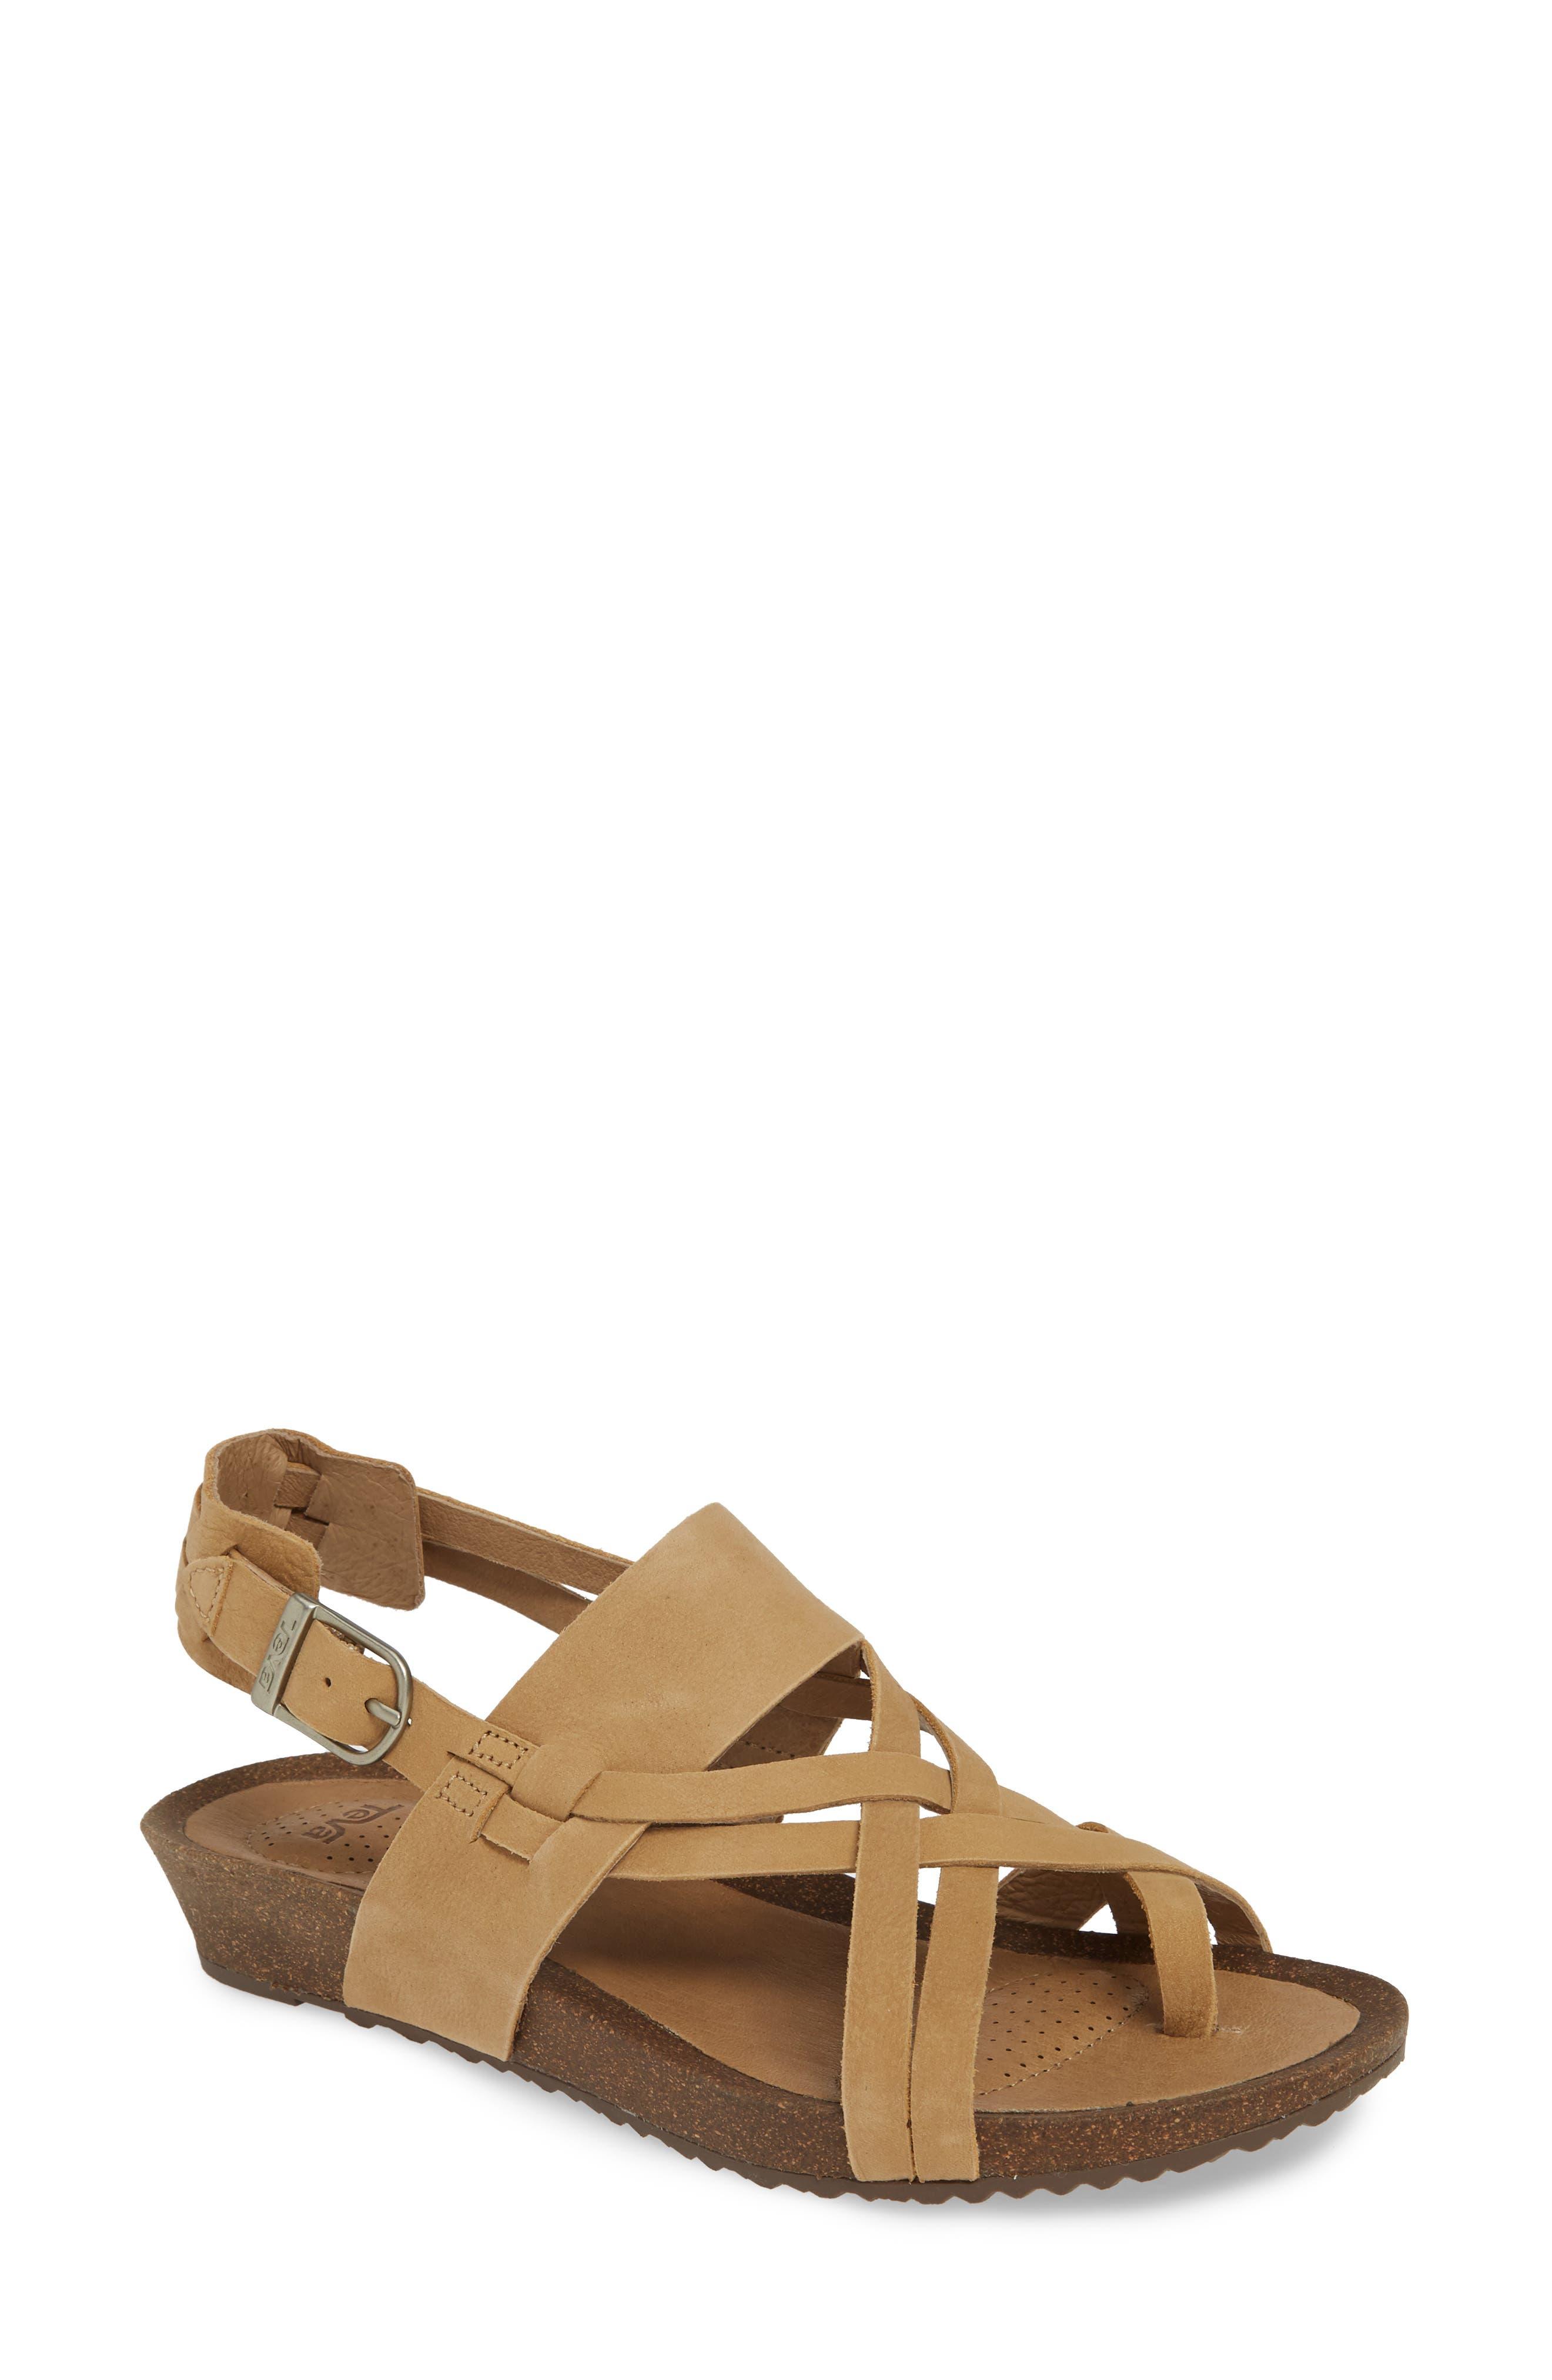 eefef78f5218 Beige Teva Sandals